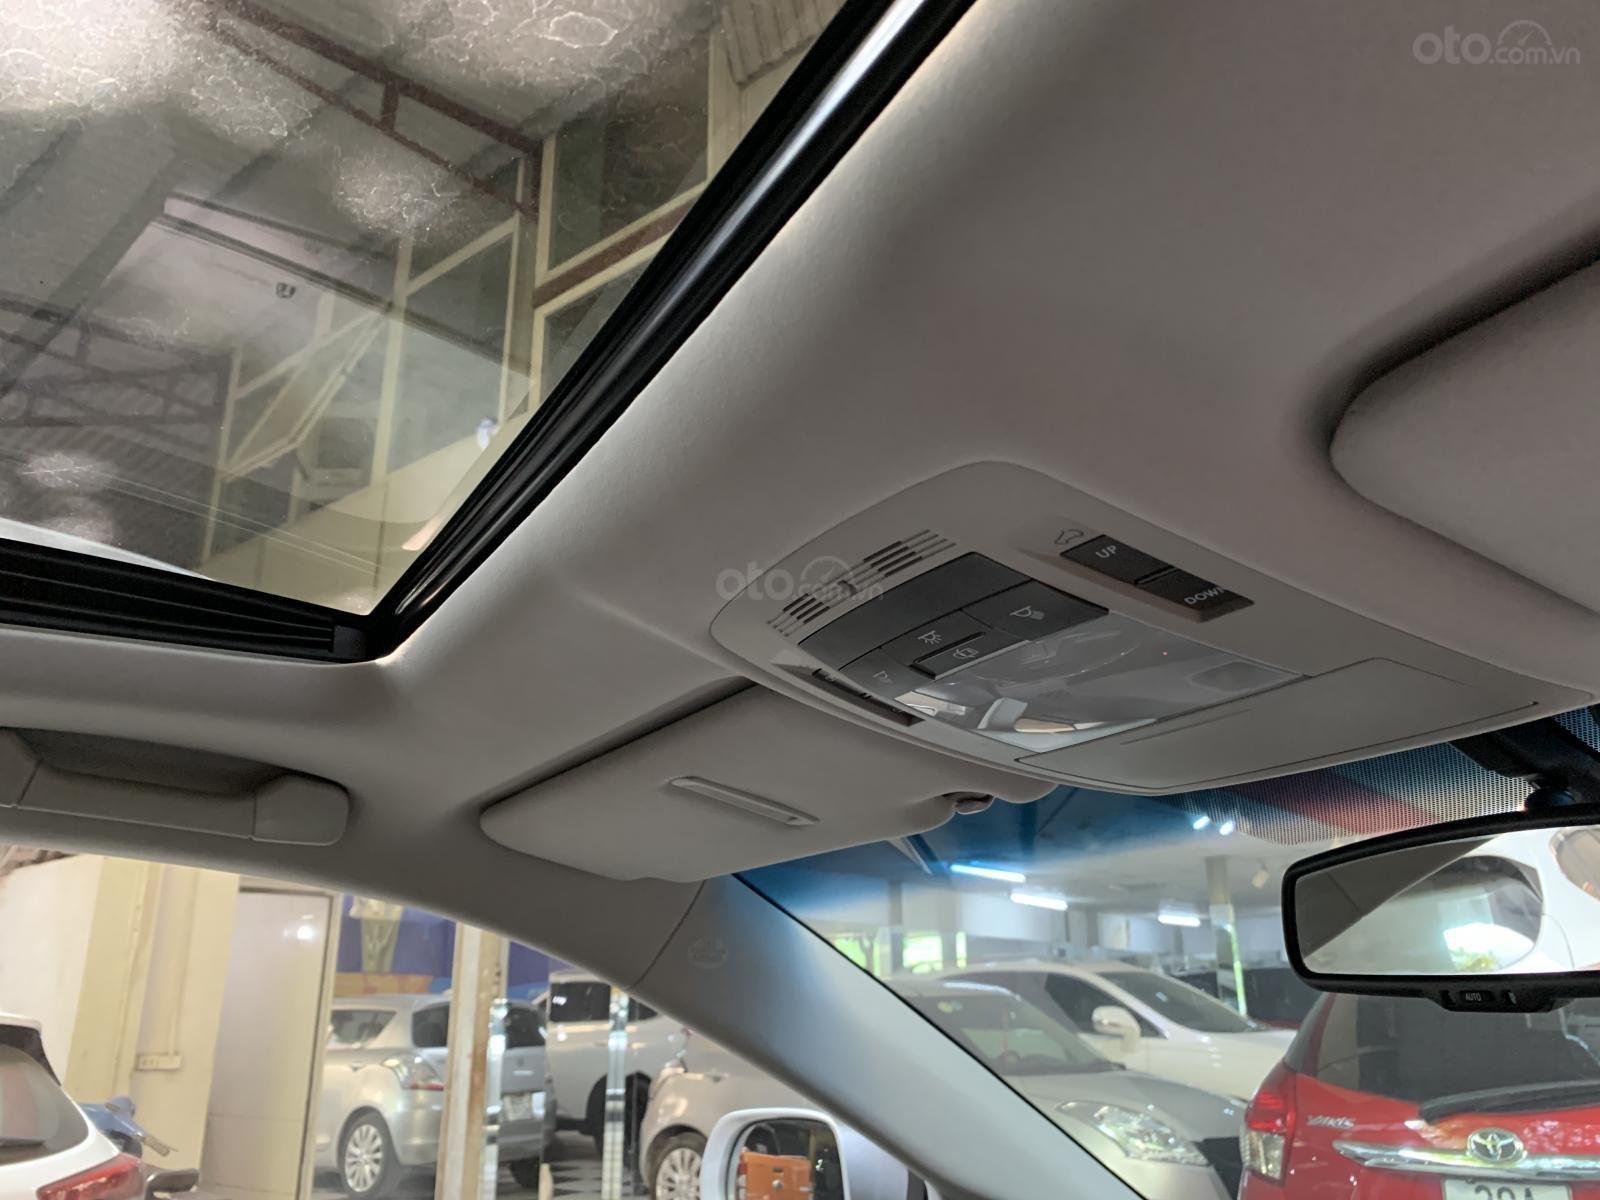 Bán Lexus RX350 model 2015, 1 chủ sử dụng từ đầu, odo 1 vạn 7, xe siêu chất, có hóa đơn (6)